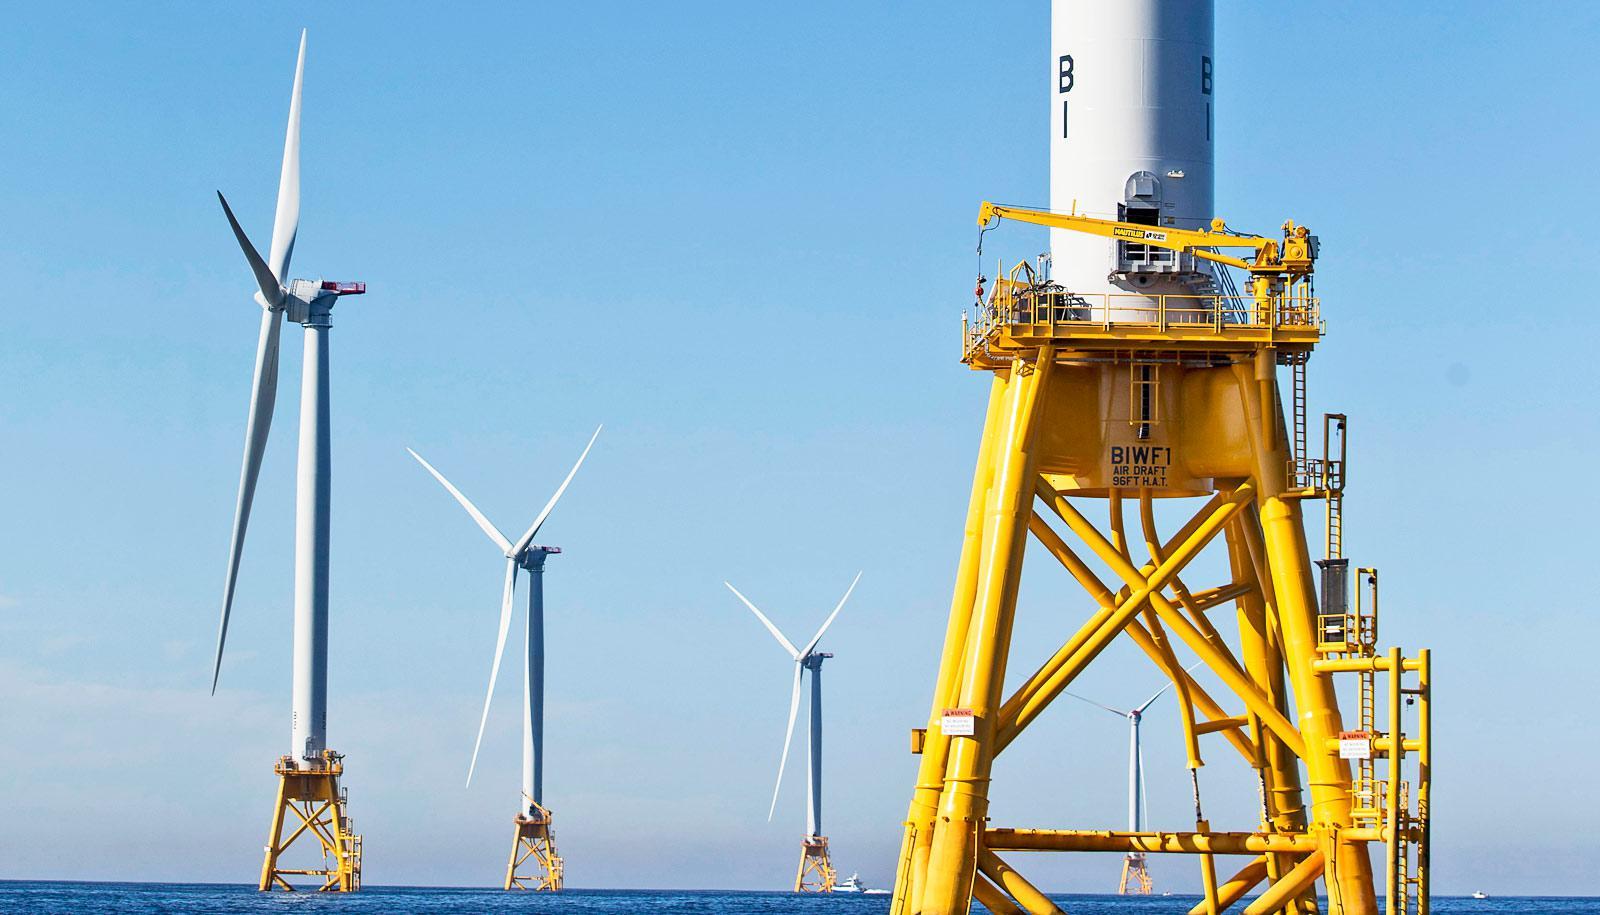 wind farm off Block Island, RI